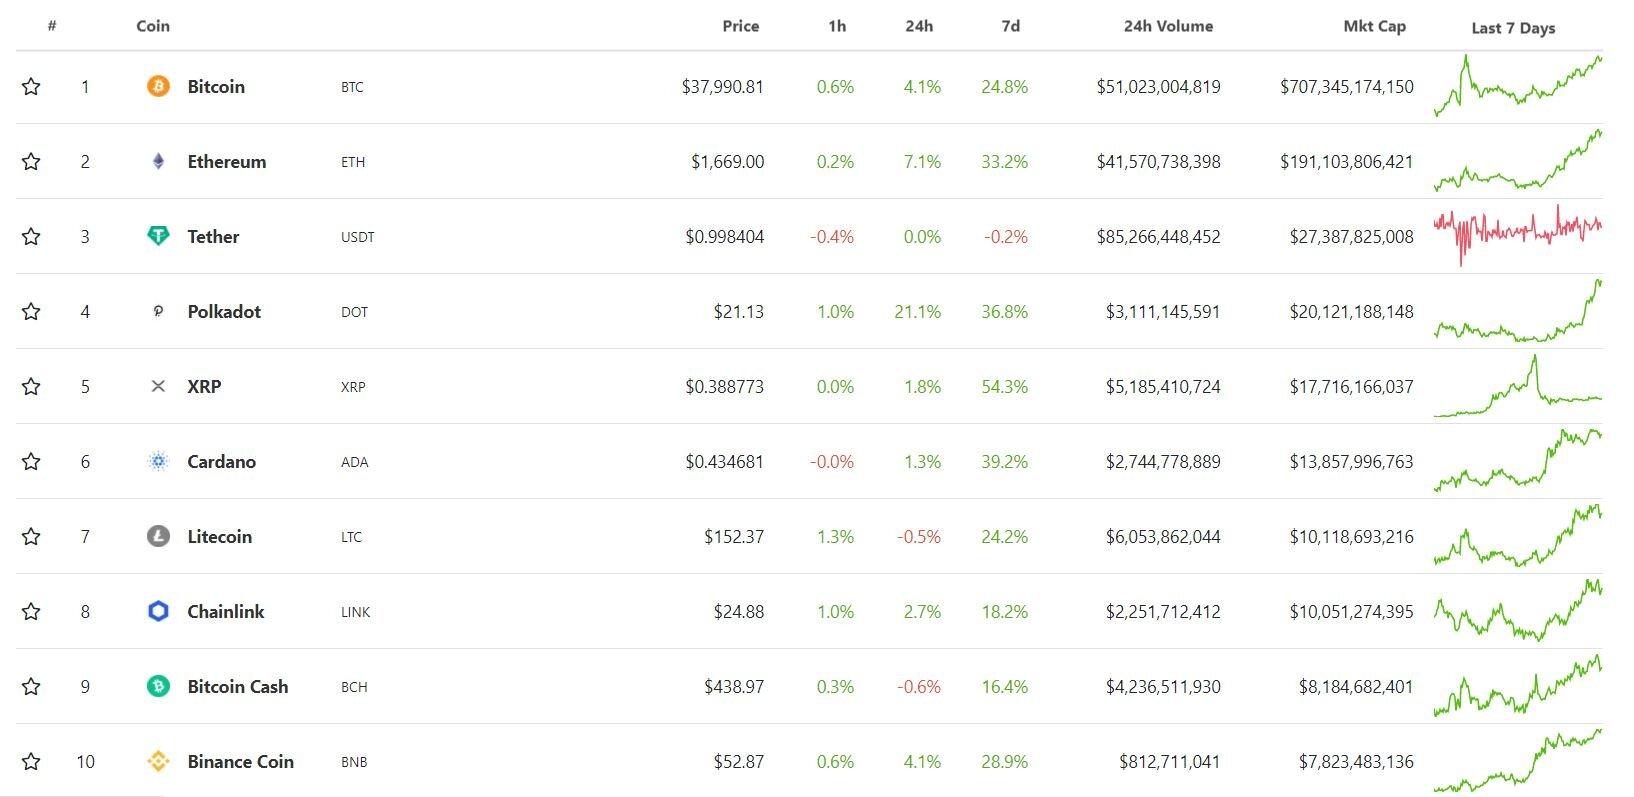 Мнение: в феврале курс bitcoin сможет дойти до $50 тыс.